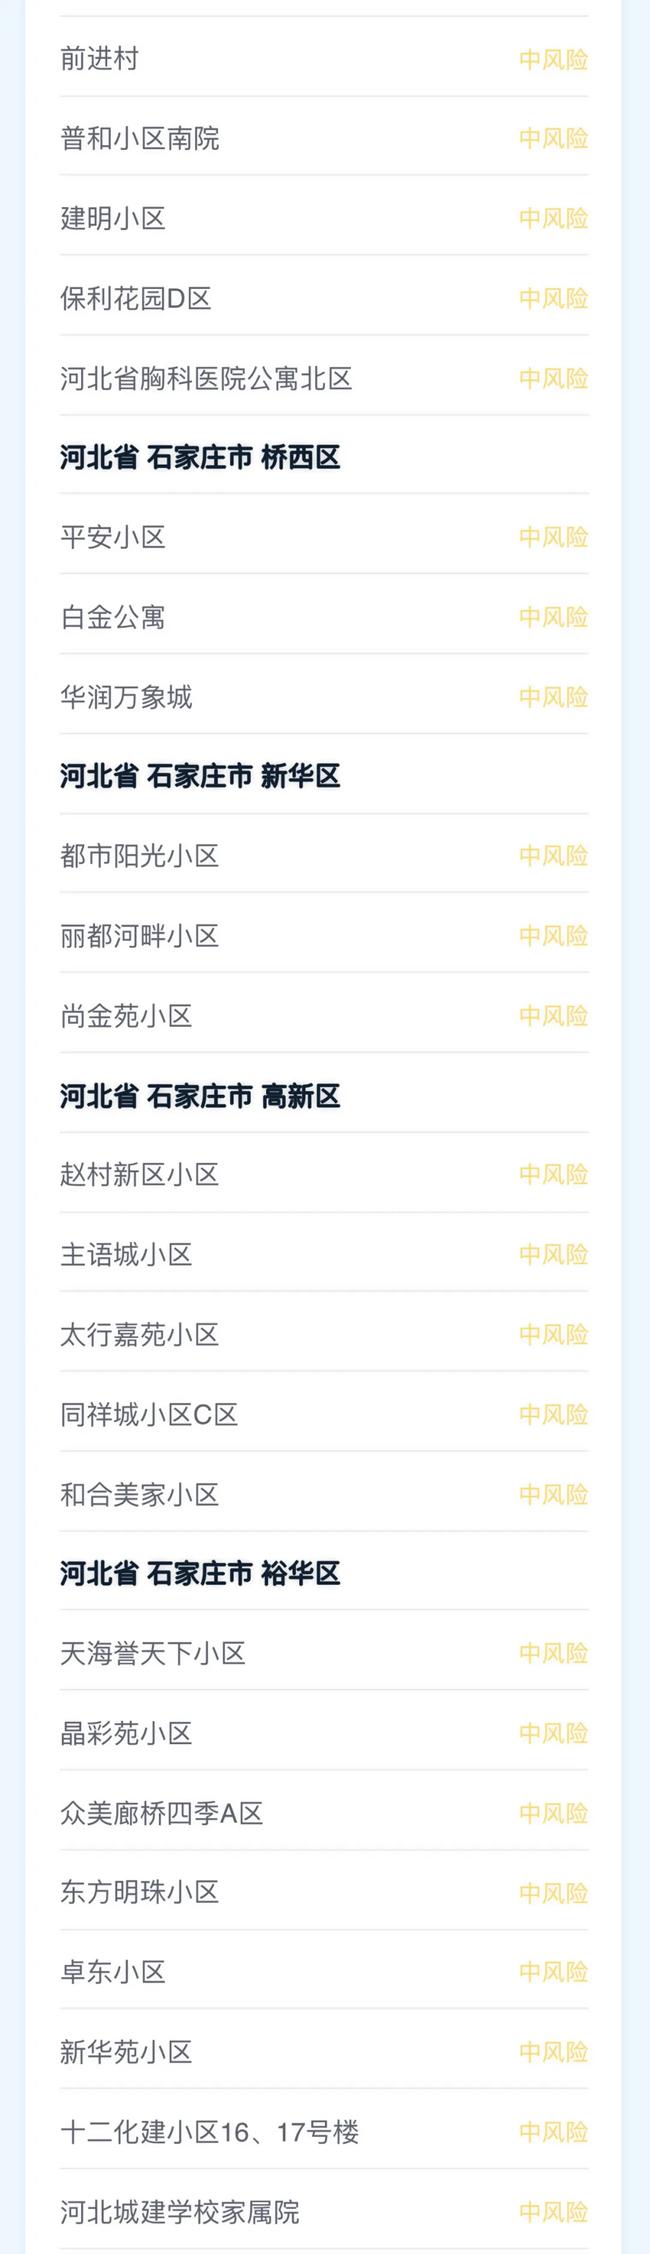 上海两家医院部分院区门诊停诊、全国中高风险地区最新汇总……最新消息!